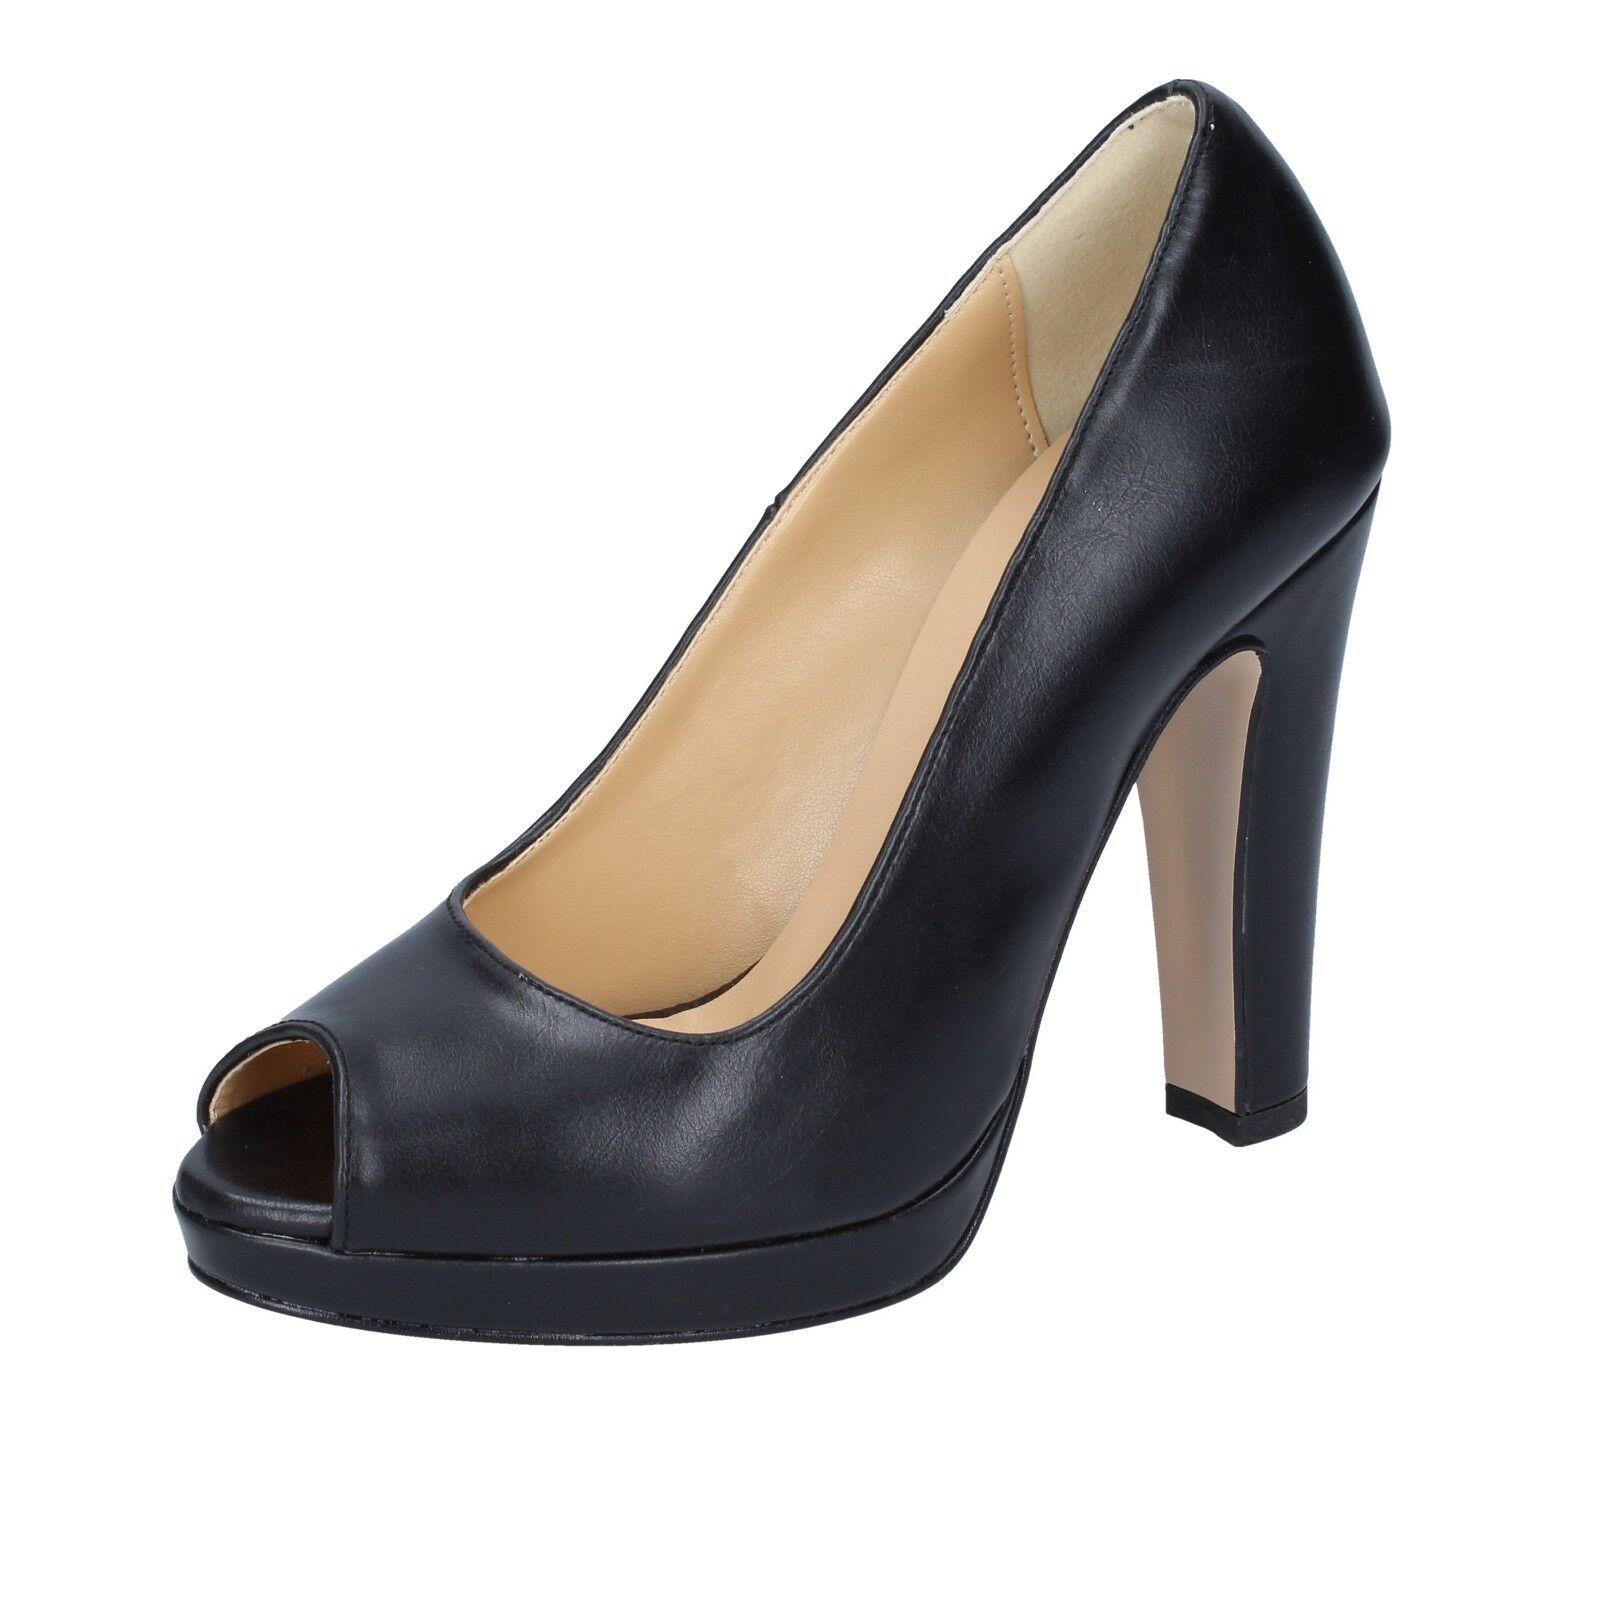 shopping online di moda Scarpe Scarpe Scarpe donna OLGA RUBINI 39 EU decolte nero pelle BS101-39  di moda